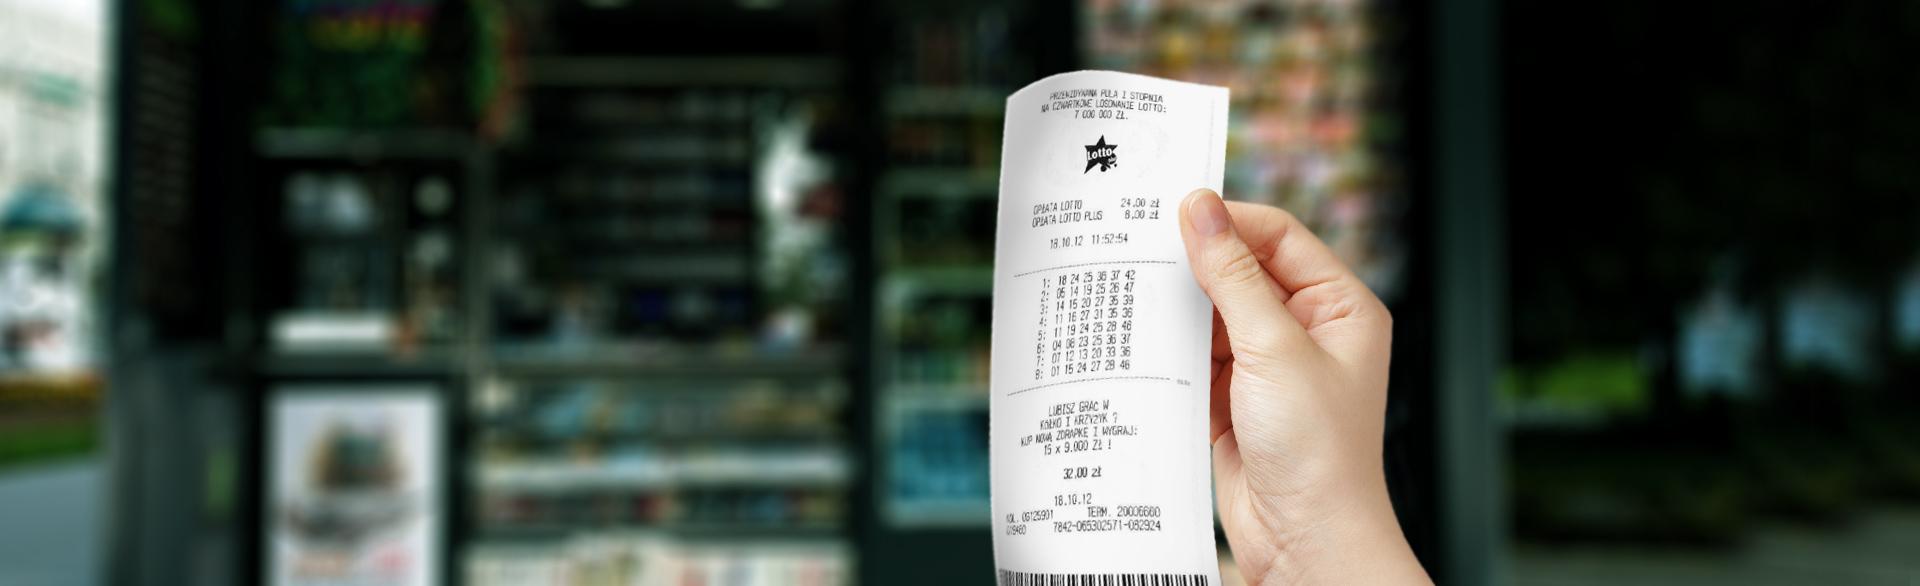 Lotto 15.04.20